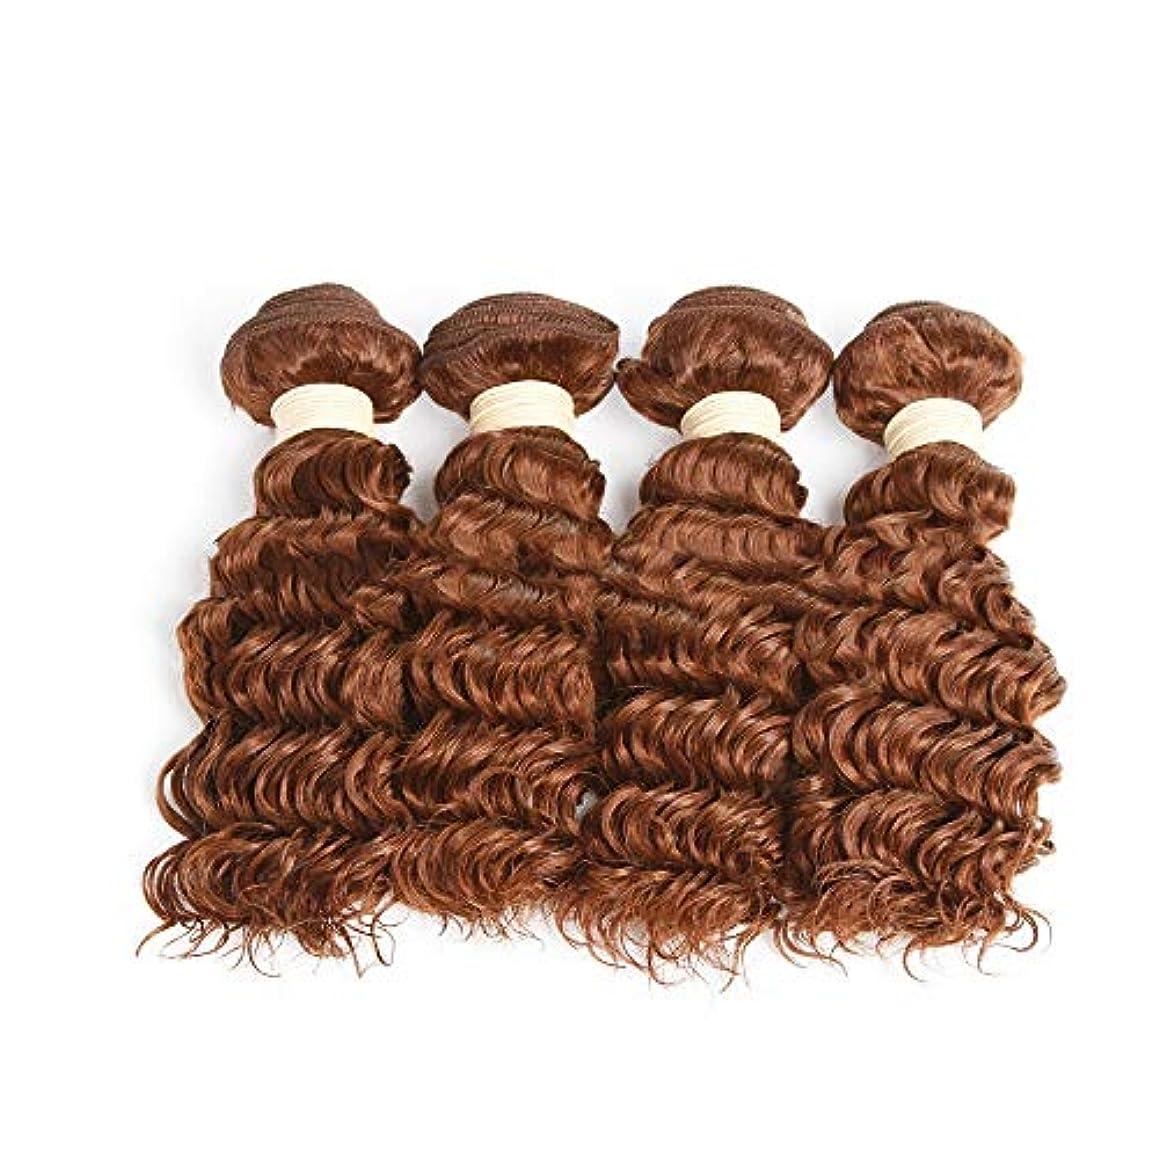 倫理少ないケントWASAIO 人毛レースフロントかつら100%未処理のヴィンテージウィッグ1つのバンドル#30明るいブラウン色のブラジルバージンヘアー8-26インチ (色 : ブラウン, サイズ : 22 inch)